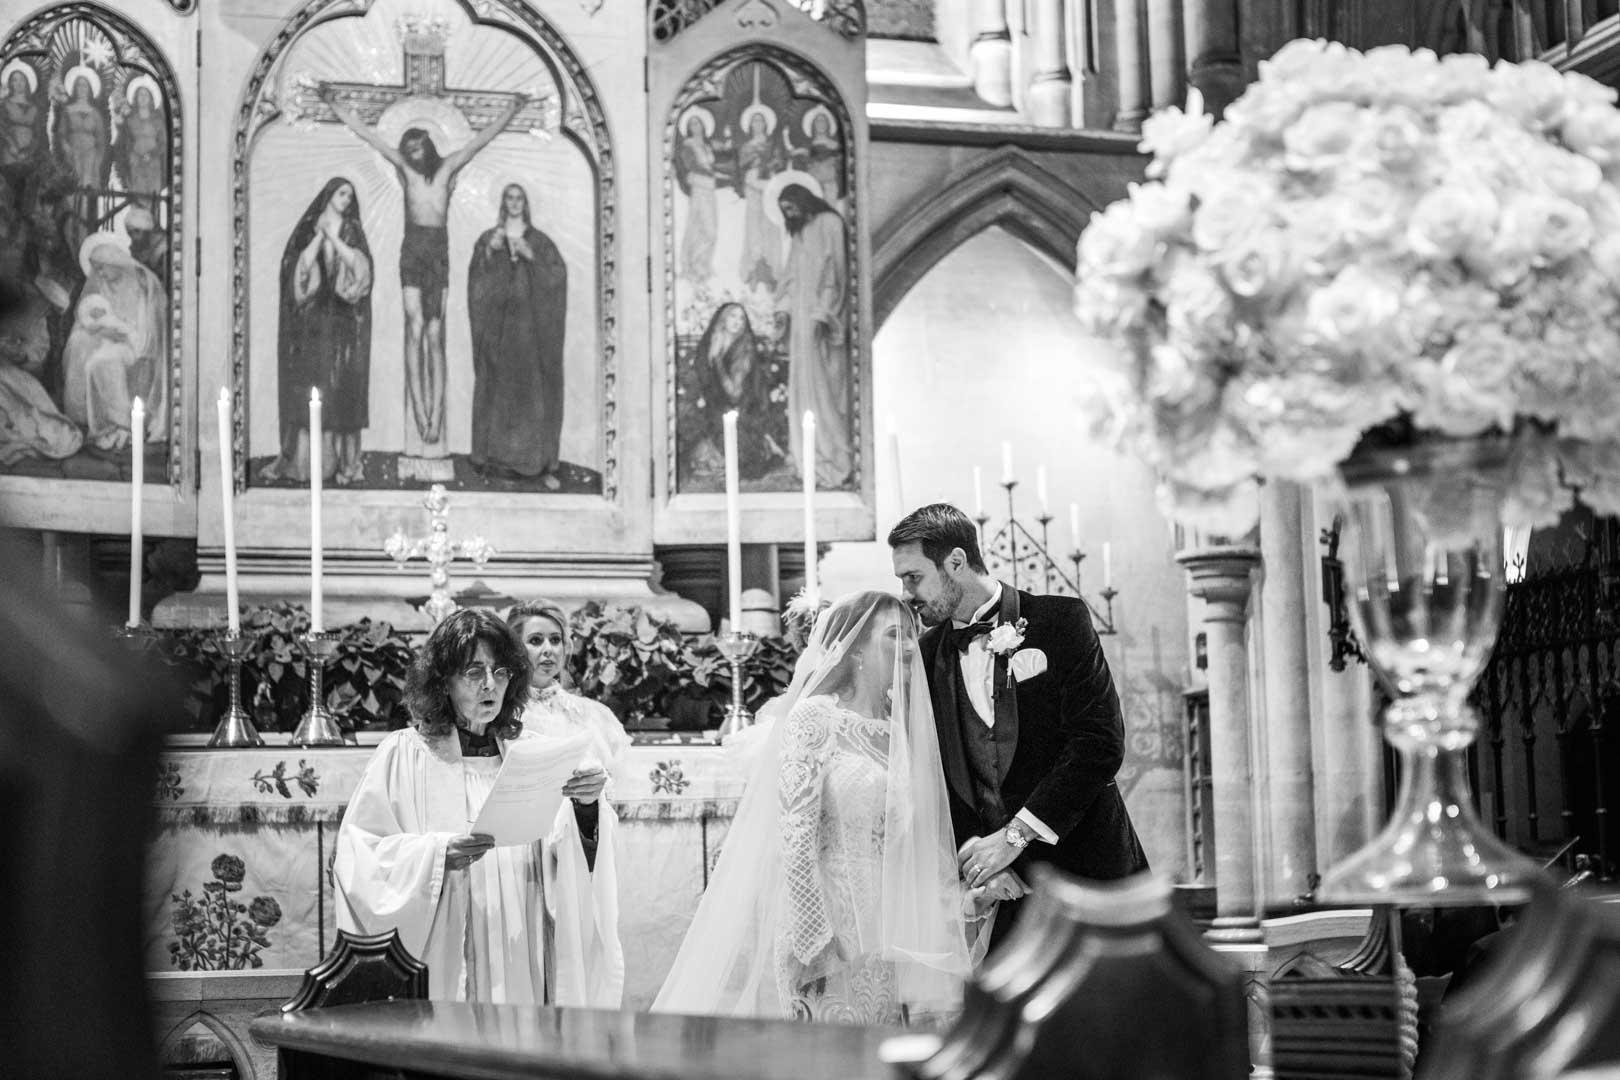 Les époux dans l'église pendant des chants liturgiques, photo noir et blanc